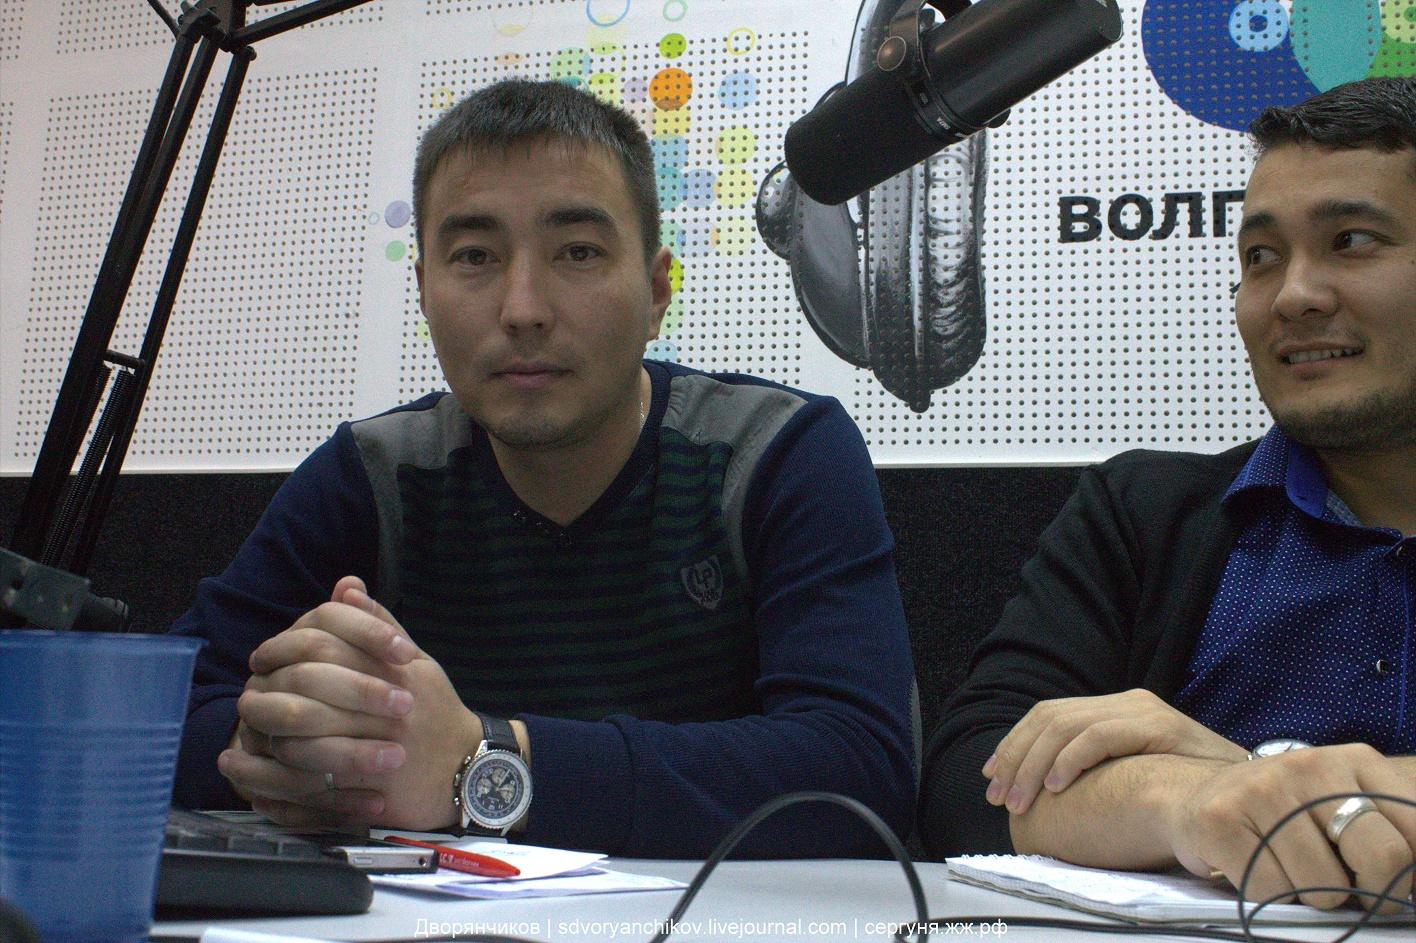 Школа радио - 9 ноября 2016 - Как мы провели своё первое радио-шоу